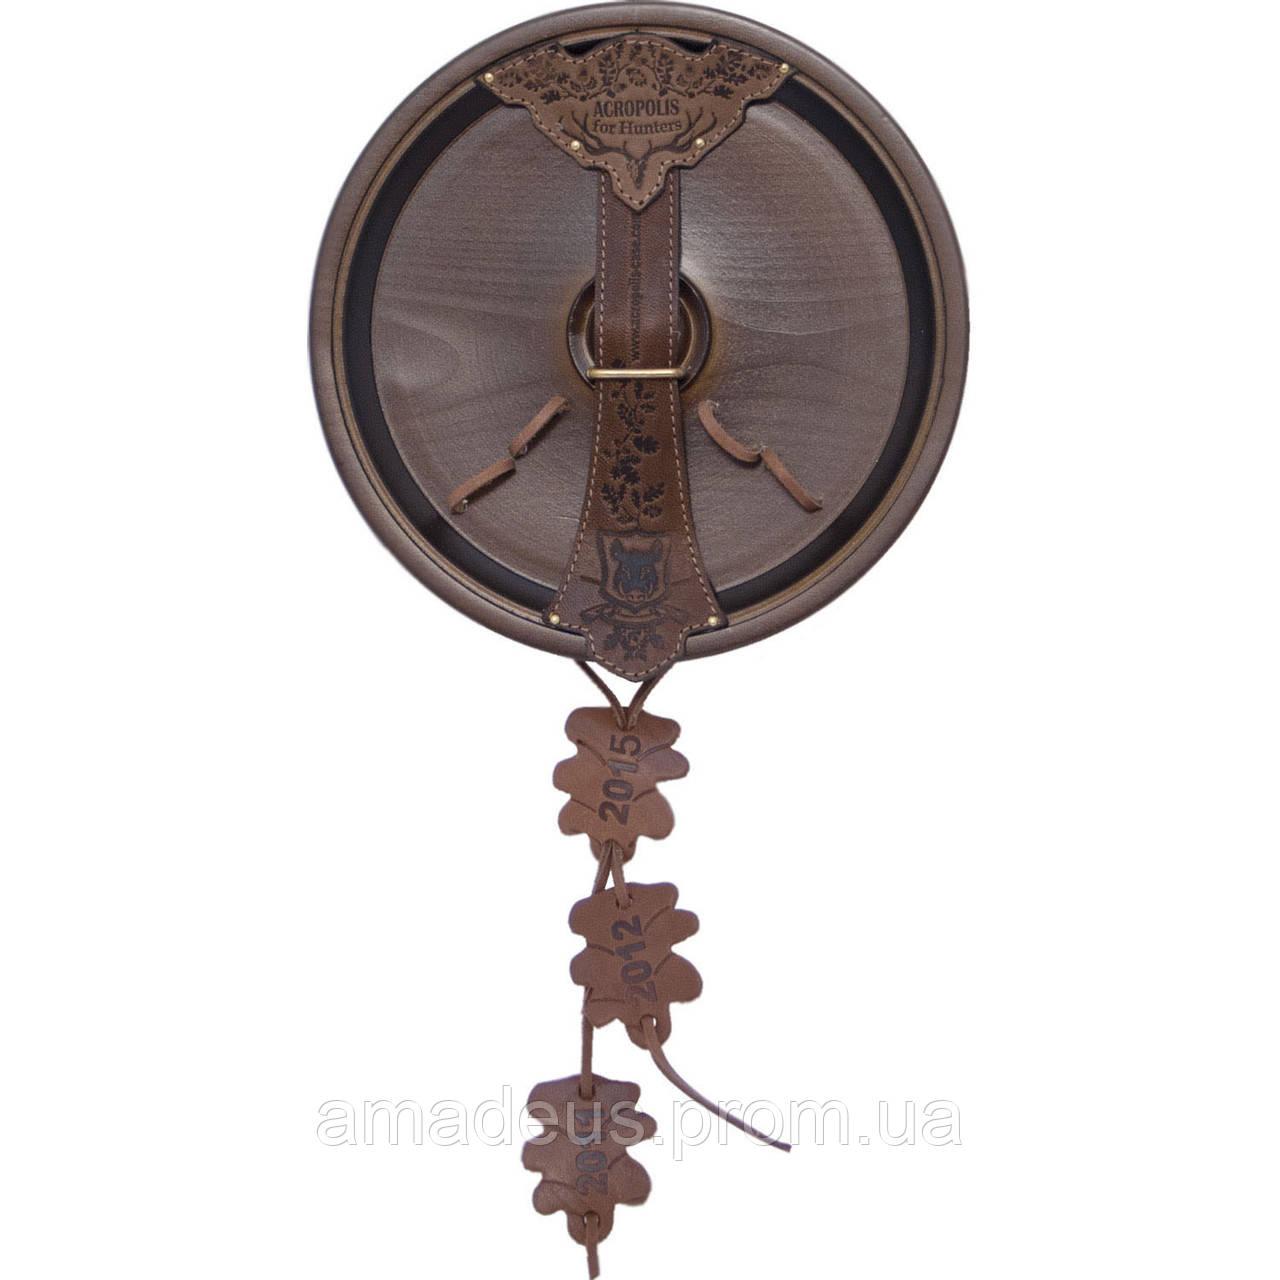 Декоративная доска для трофеев (клыки кабана) ДТ-51